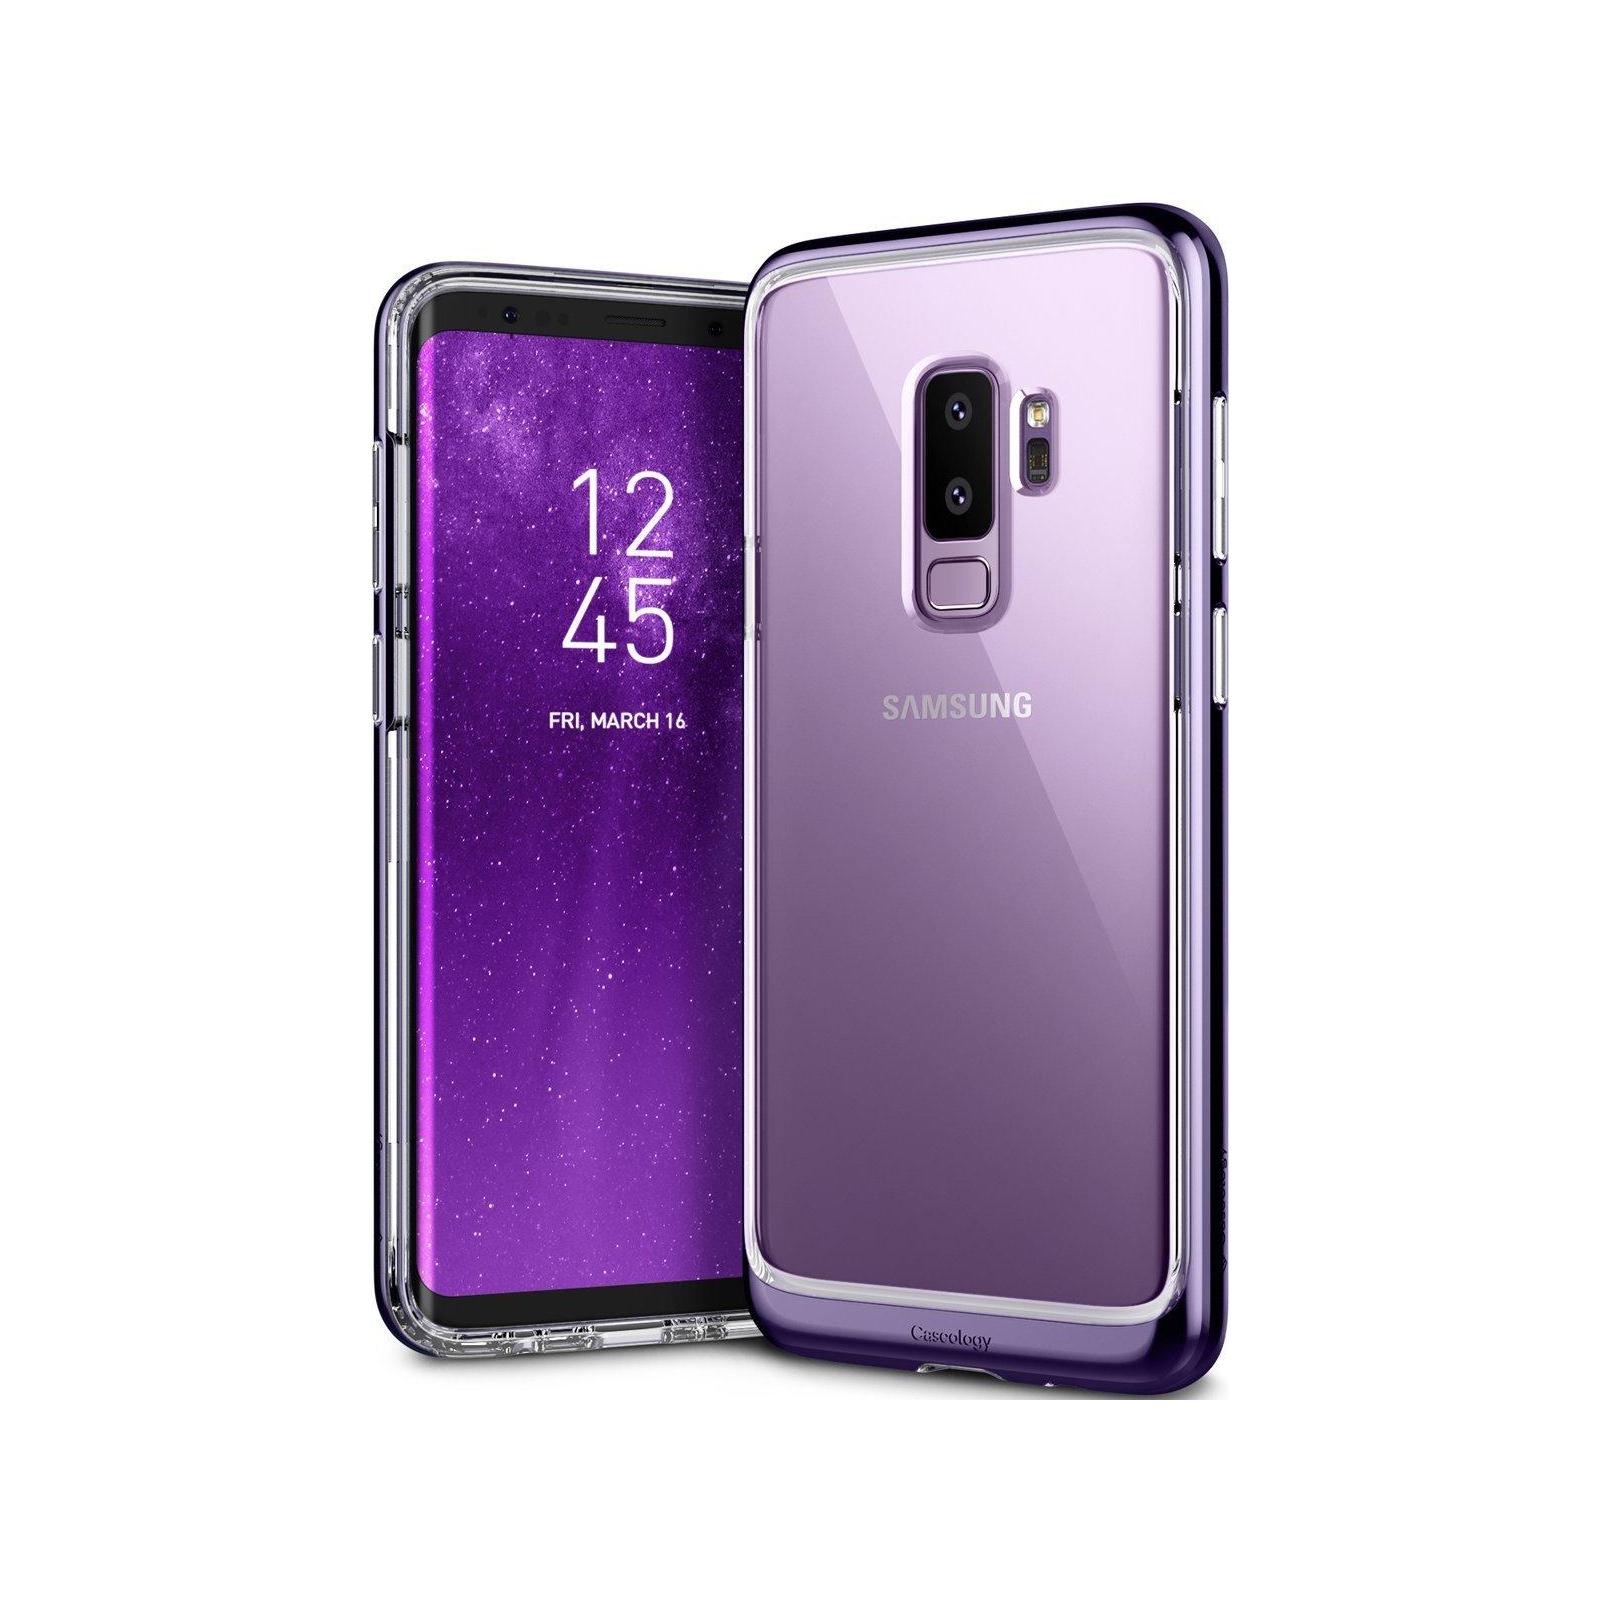 Чехол для моб. телефона Laudtec для SAMSUNG Galaxy S9 Plus Clear tpu (Transperent) (LC-GS9PB) изображение 2